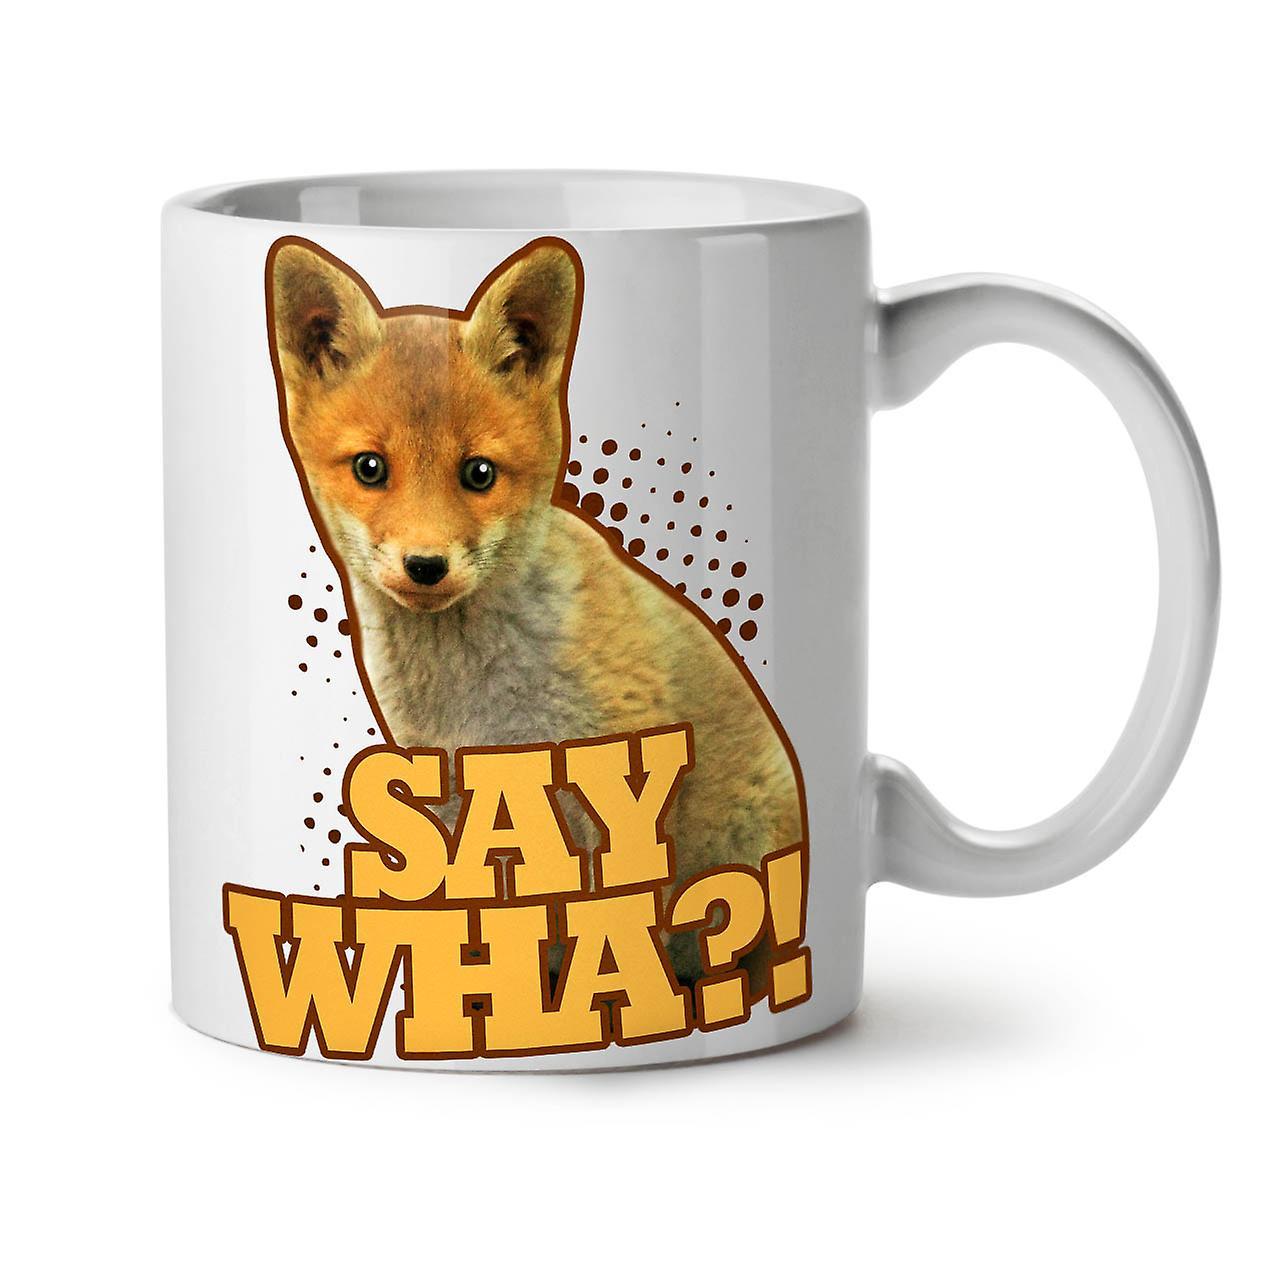 Fox Blague Blanc Tasse Thé OzWellcoda Céramique Café 11 nbsp; Dire Wha Nouveau NPkZXw8n0O